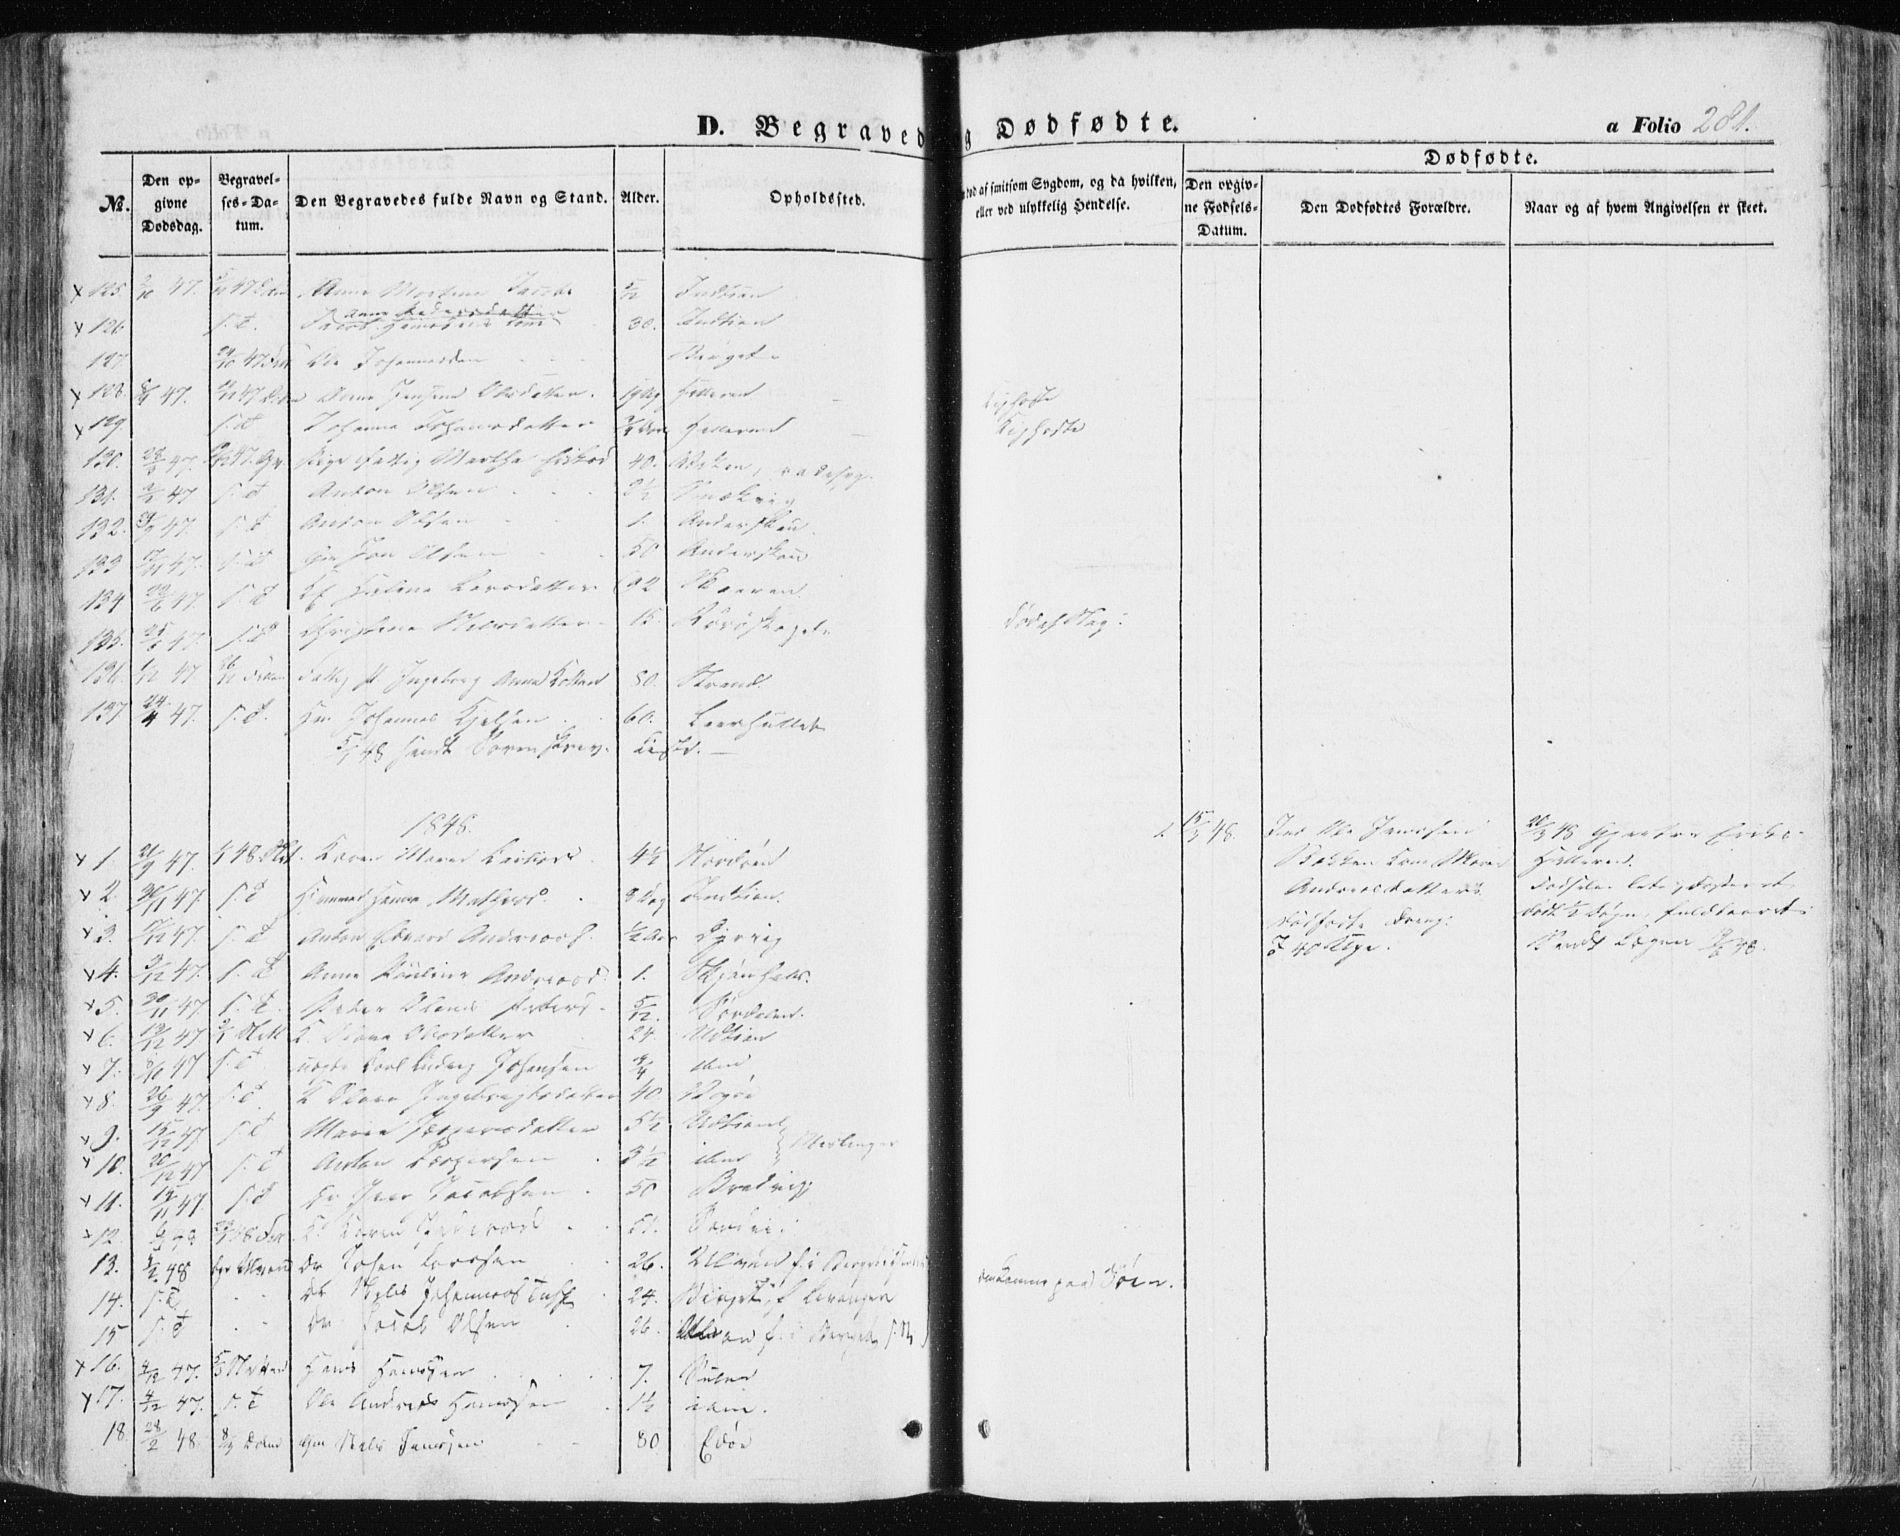 SAT, Ministerialprotokoller, klokkerbøker og fødselsregistre - Sør-Trøndelag, 634/L0529: Ministerialbok nr. 634A05, 1843-1851, s. 281